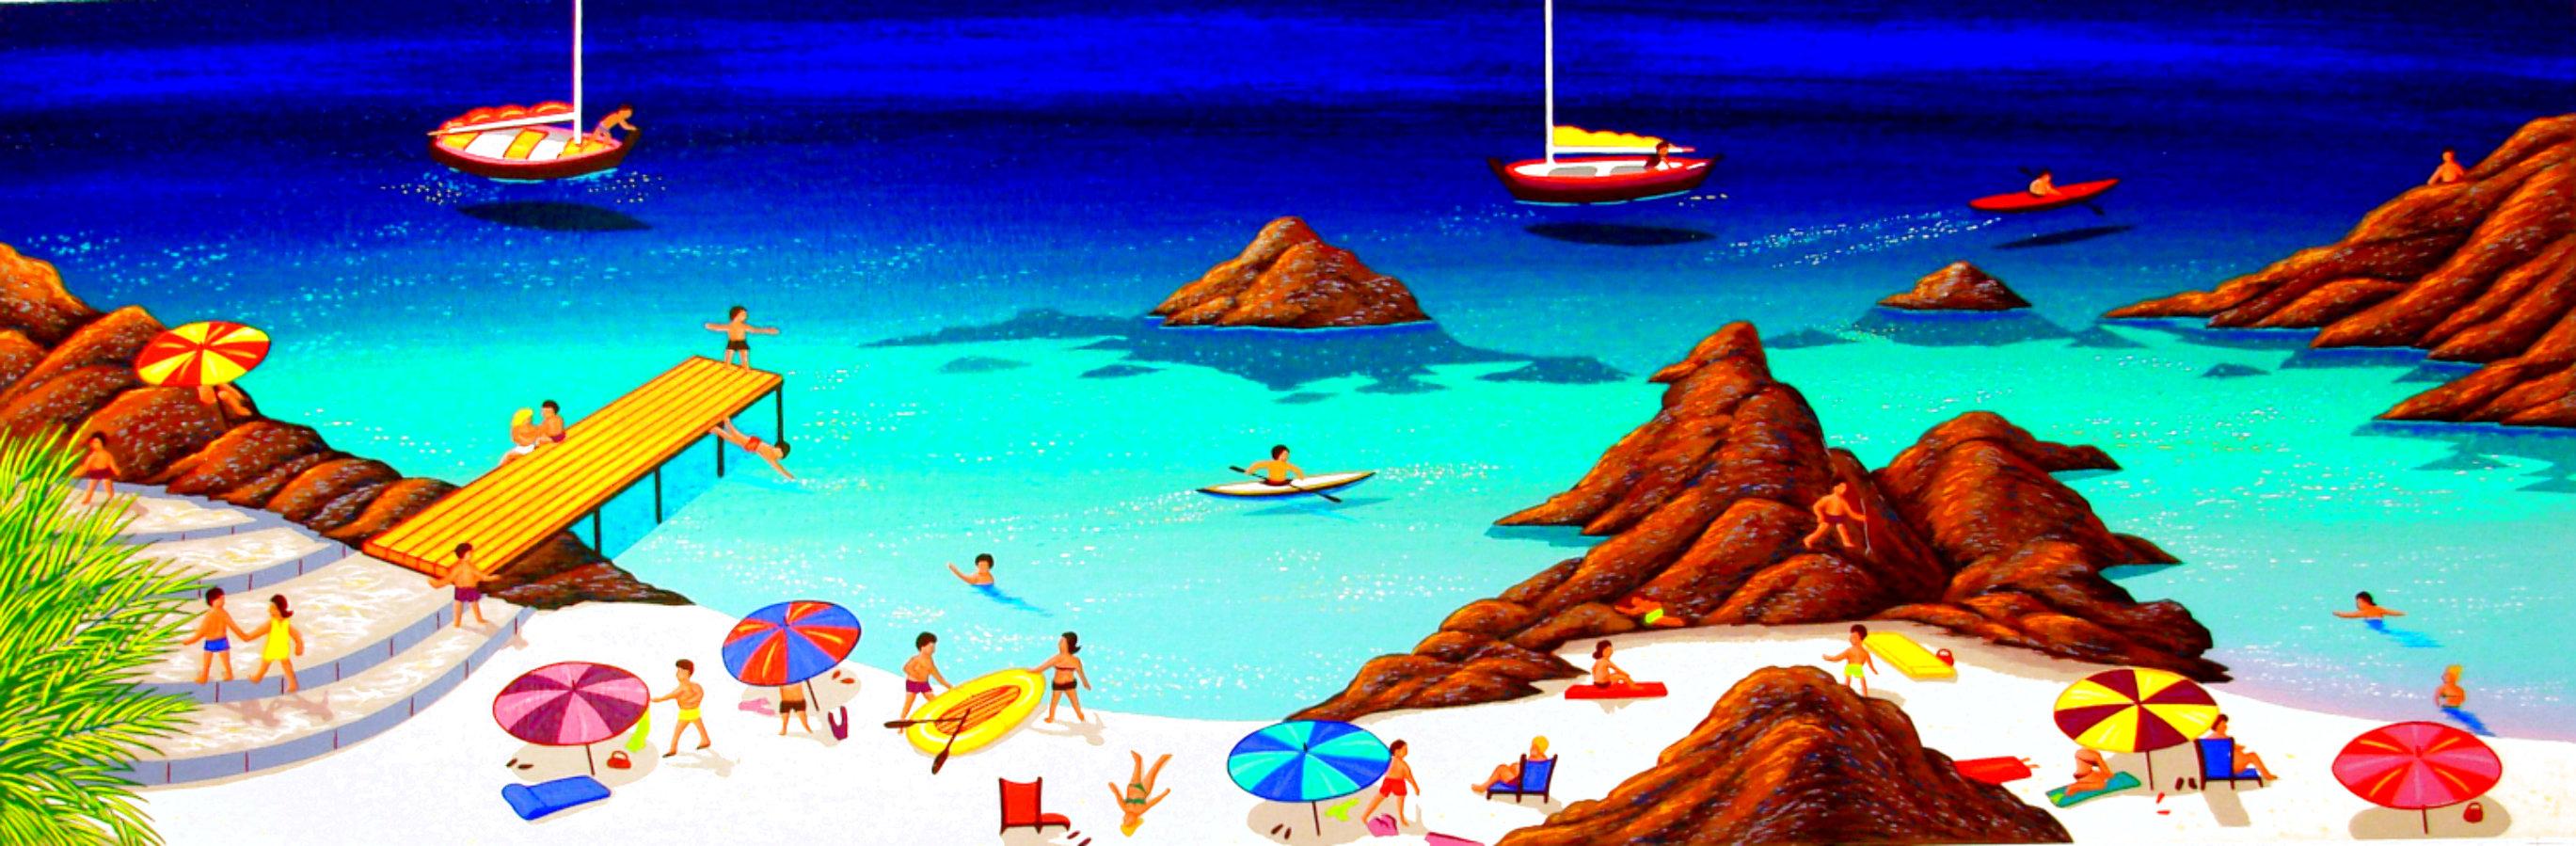 Malaga Beach 2002 Limited Edition Print by Fanch Ledan